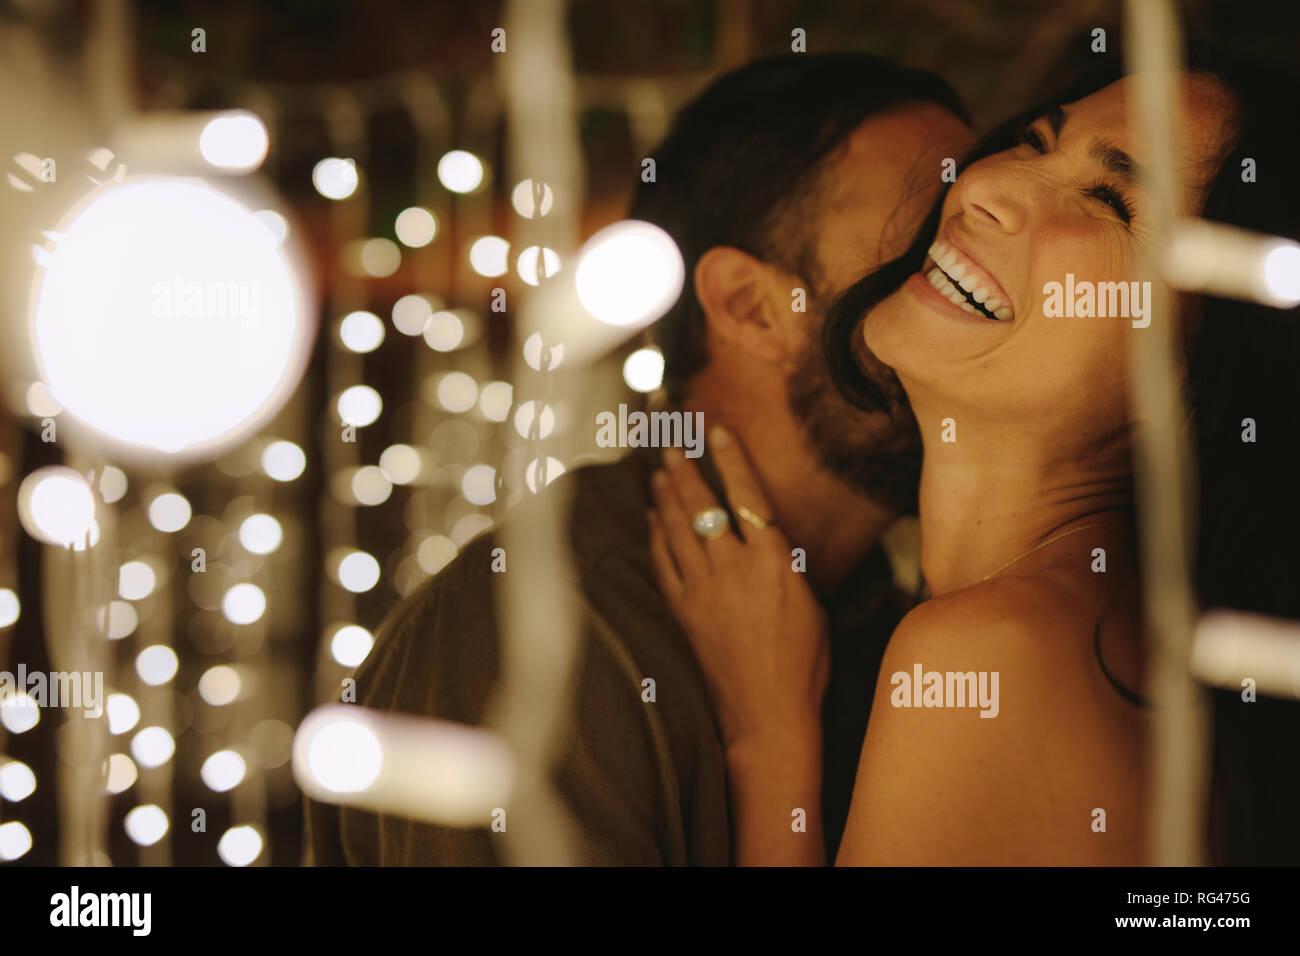 Felice coppia giovane abbracciando con luci intorno a parte. Giovane uomo e donna abbracciando e ridere. Foto Stock